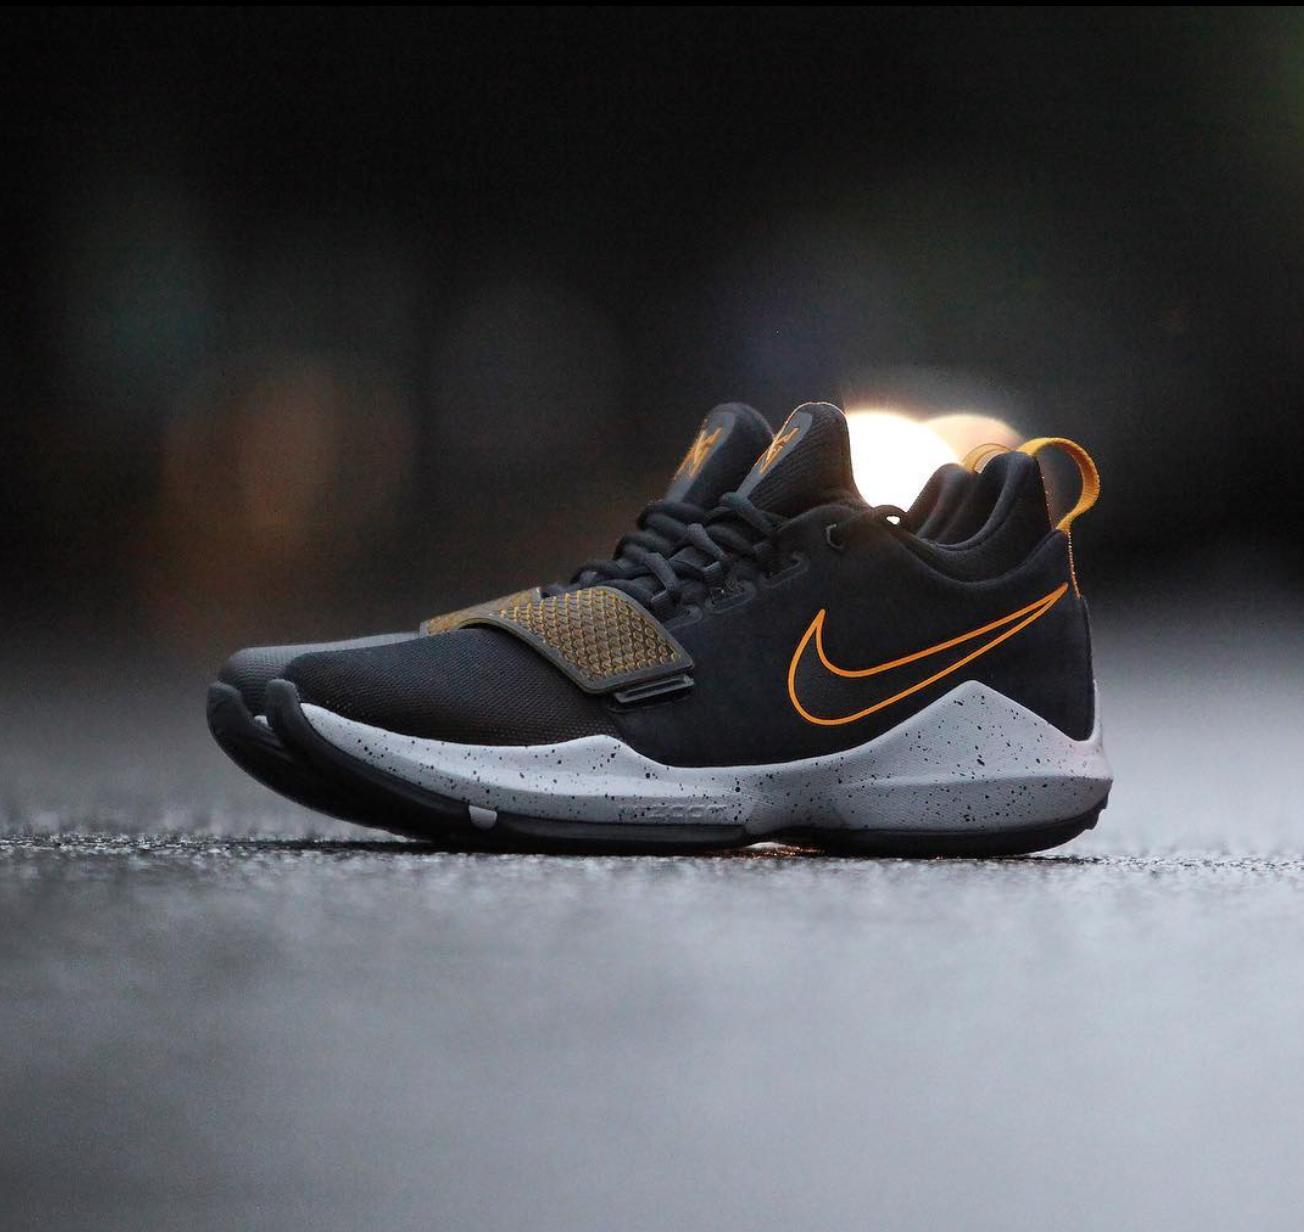 Nike PG 1 in Black/University Gold